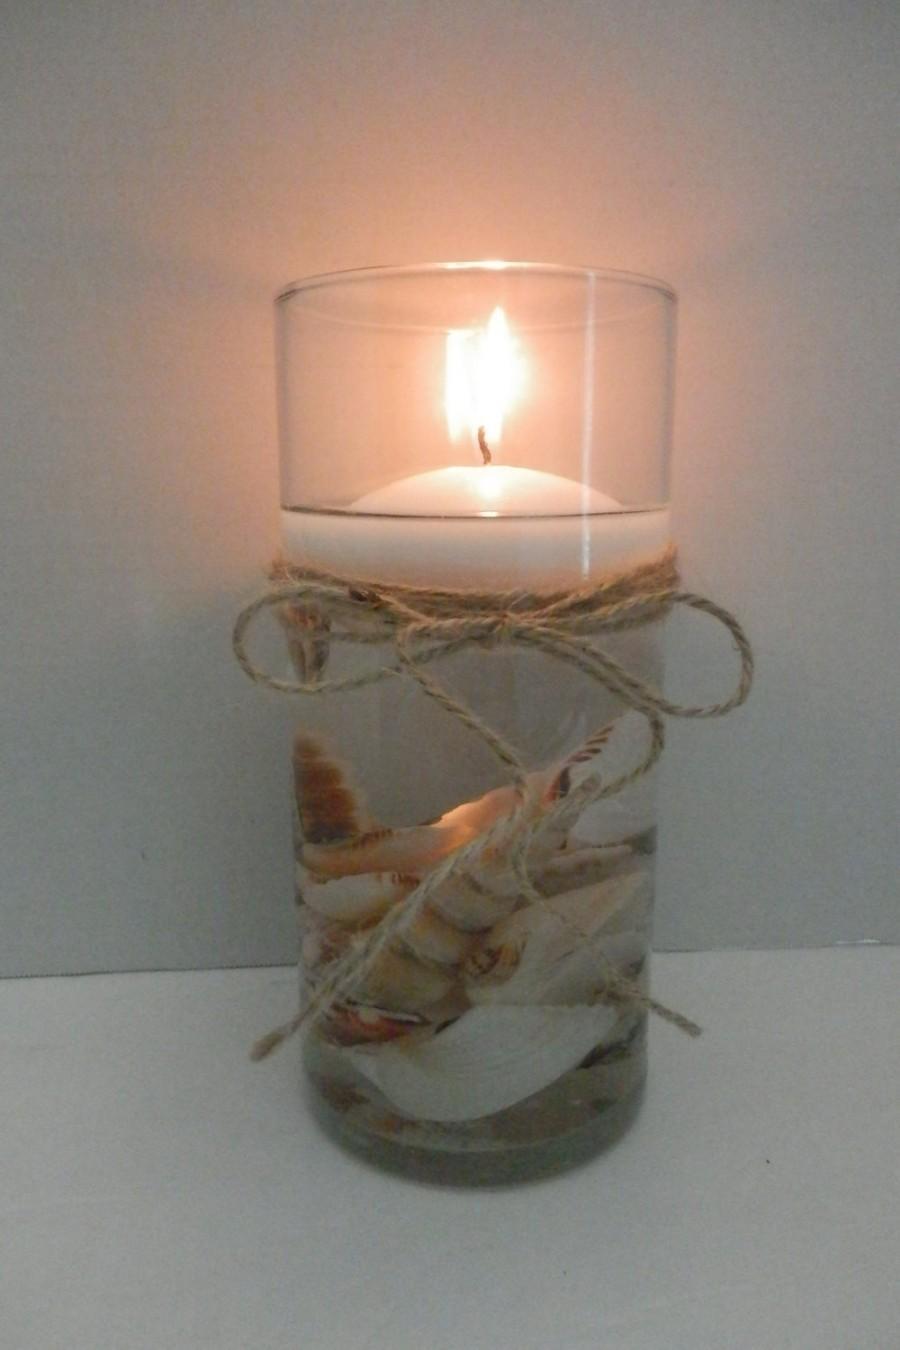 Hochzeit - Wedding centerpiece, Beach wedding centerpiece, Wedding decoration, Candle holder , Floating candle centerpiece